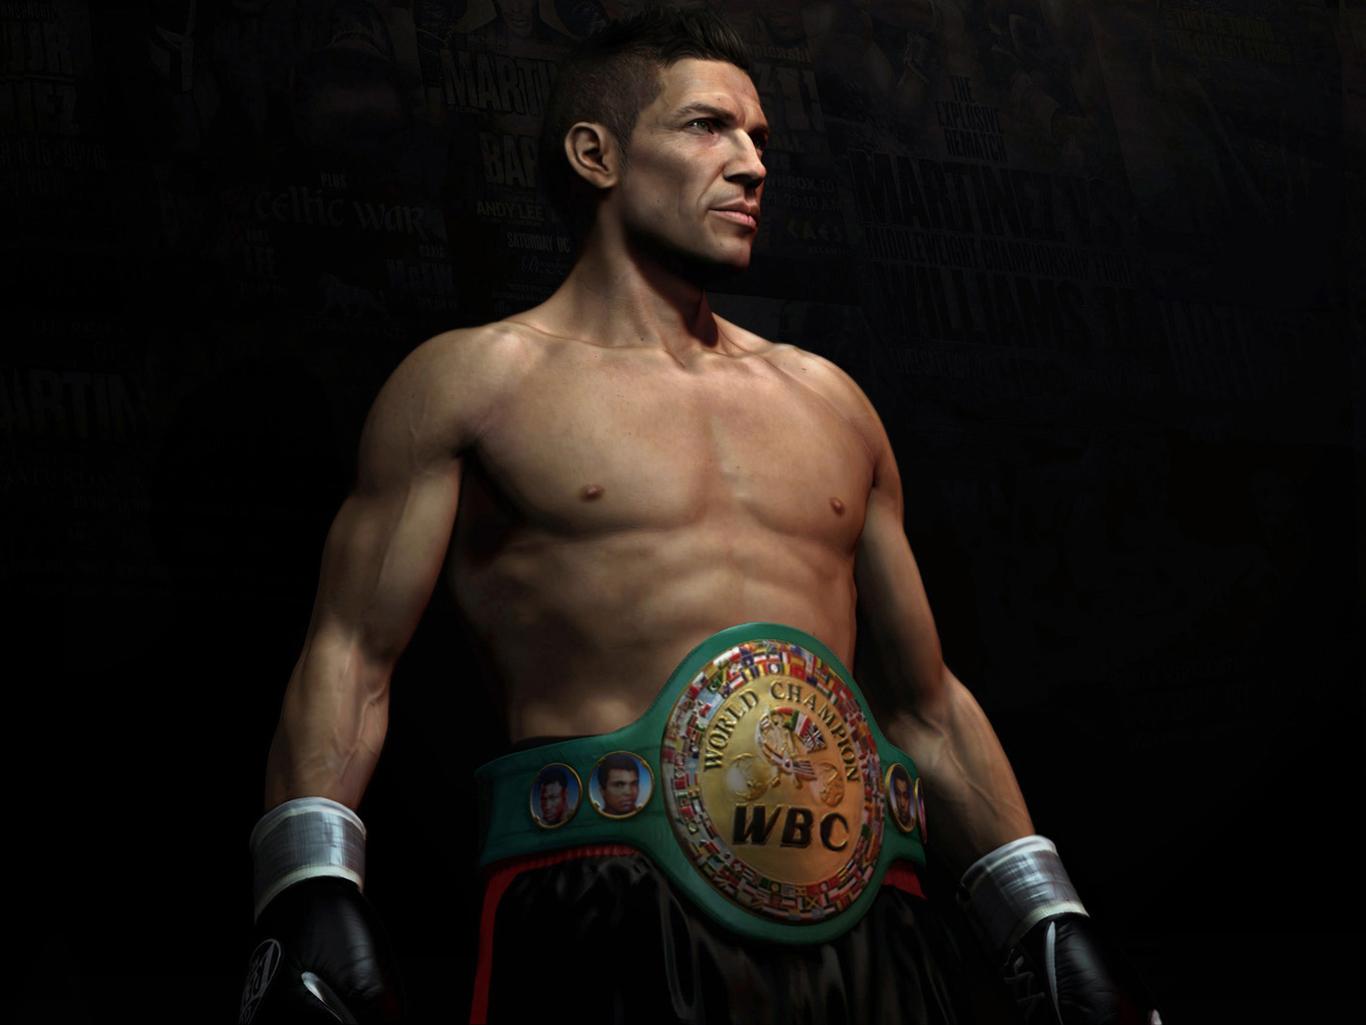 Buffalett boxer sergio maravil 1 1af717a9 nttm